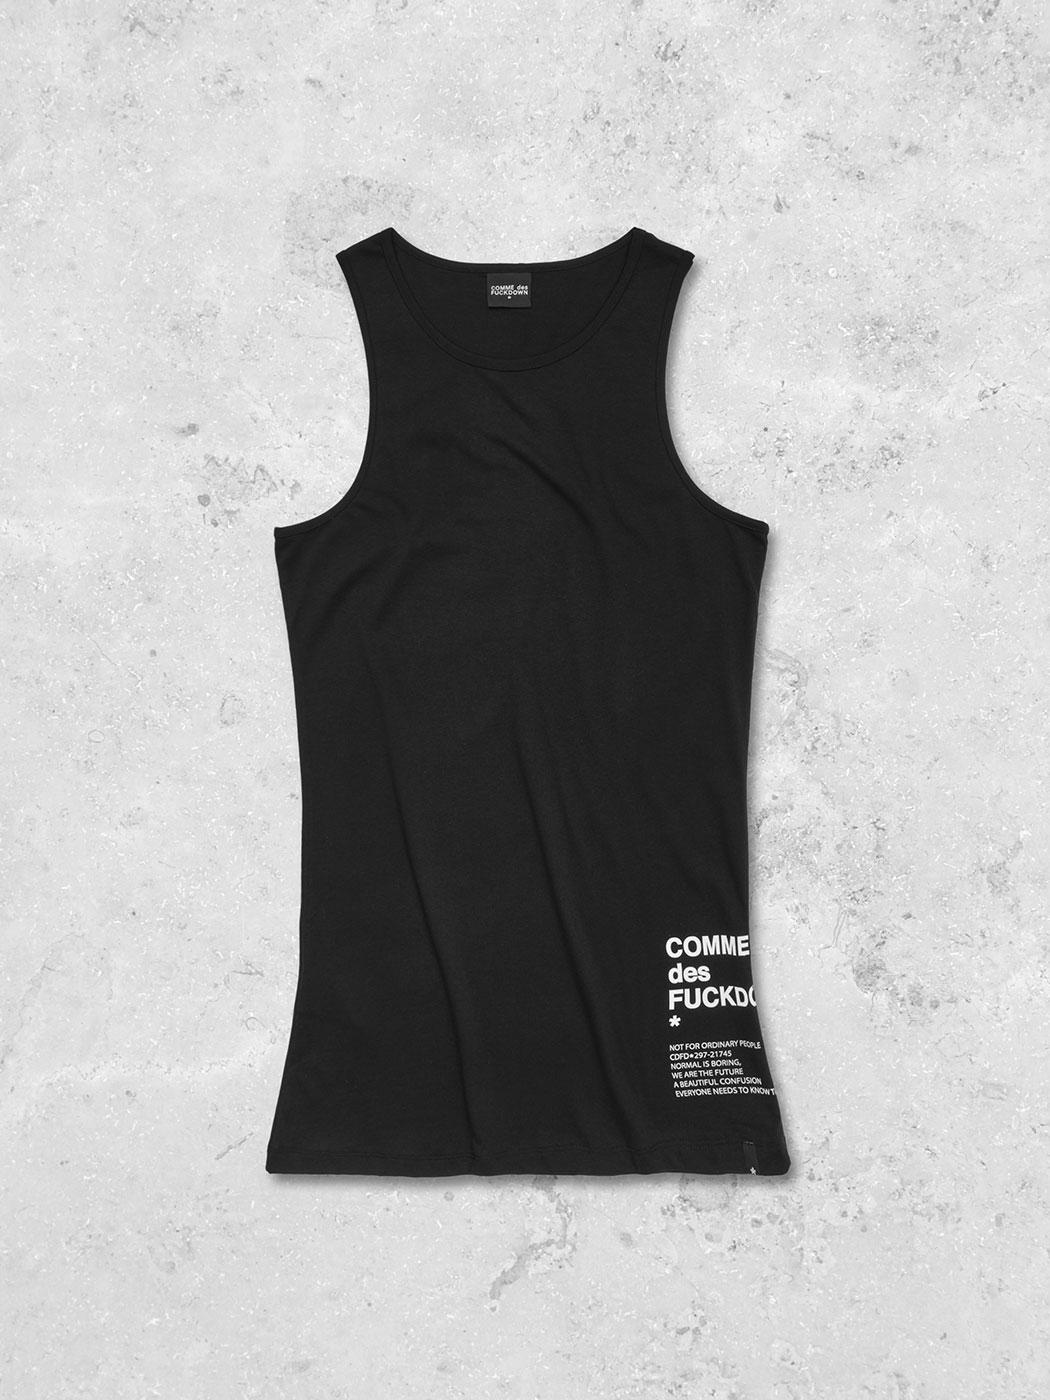 DRESS - CDFD1435 - COMME DES FKDOWN